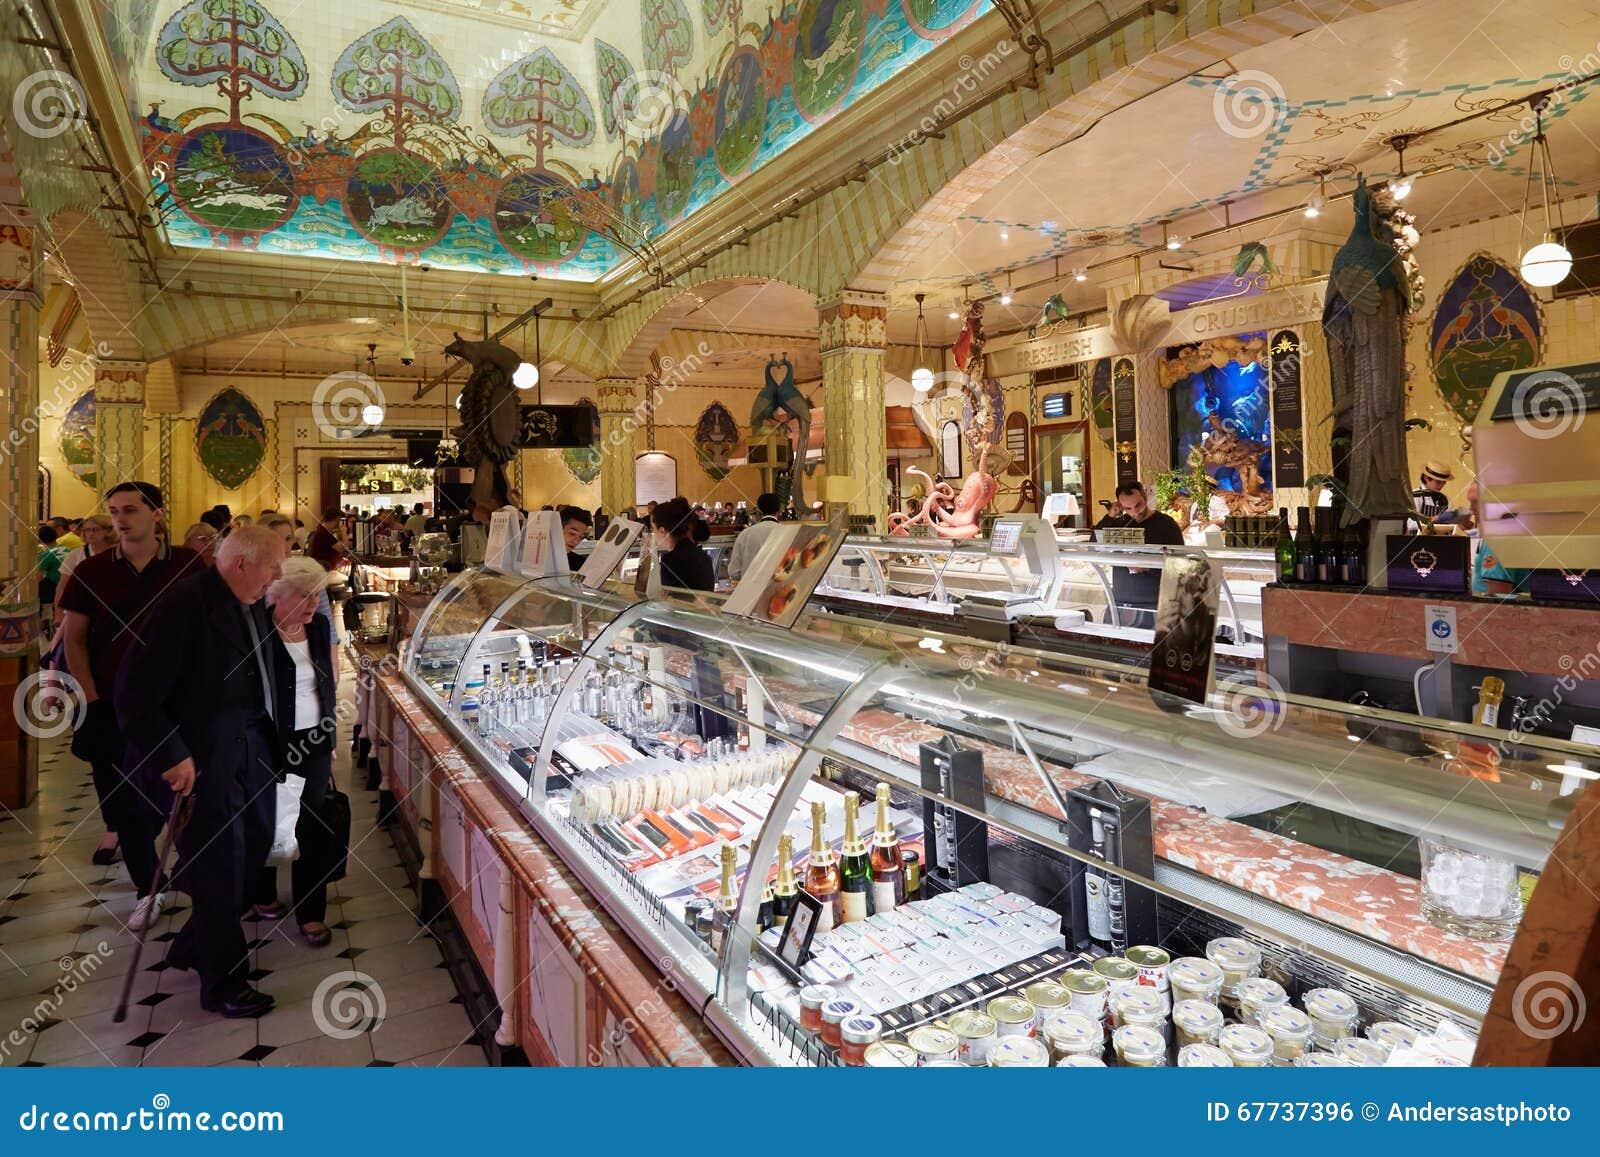 intrieur de magasin de harrods secteur de nourriture londres